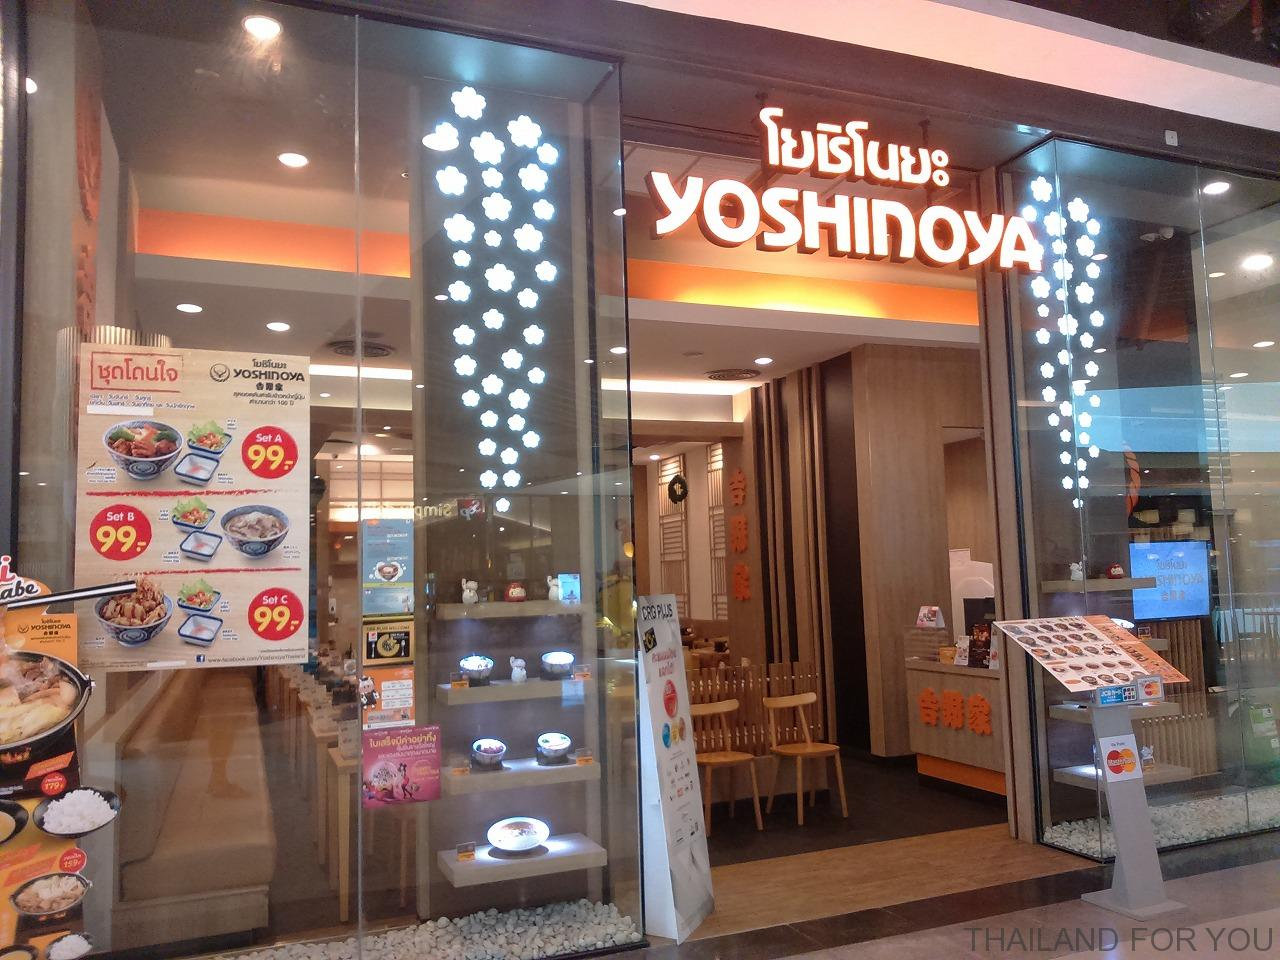 セントラルフェスティバル・チェンマイ 日本食 店舗